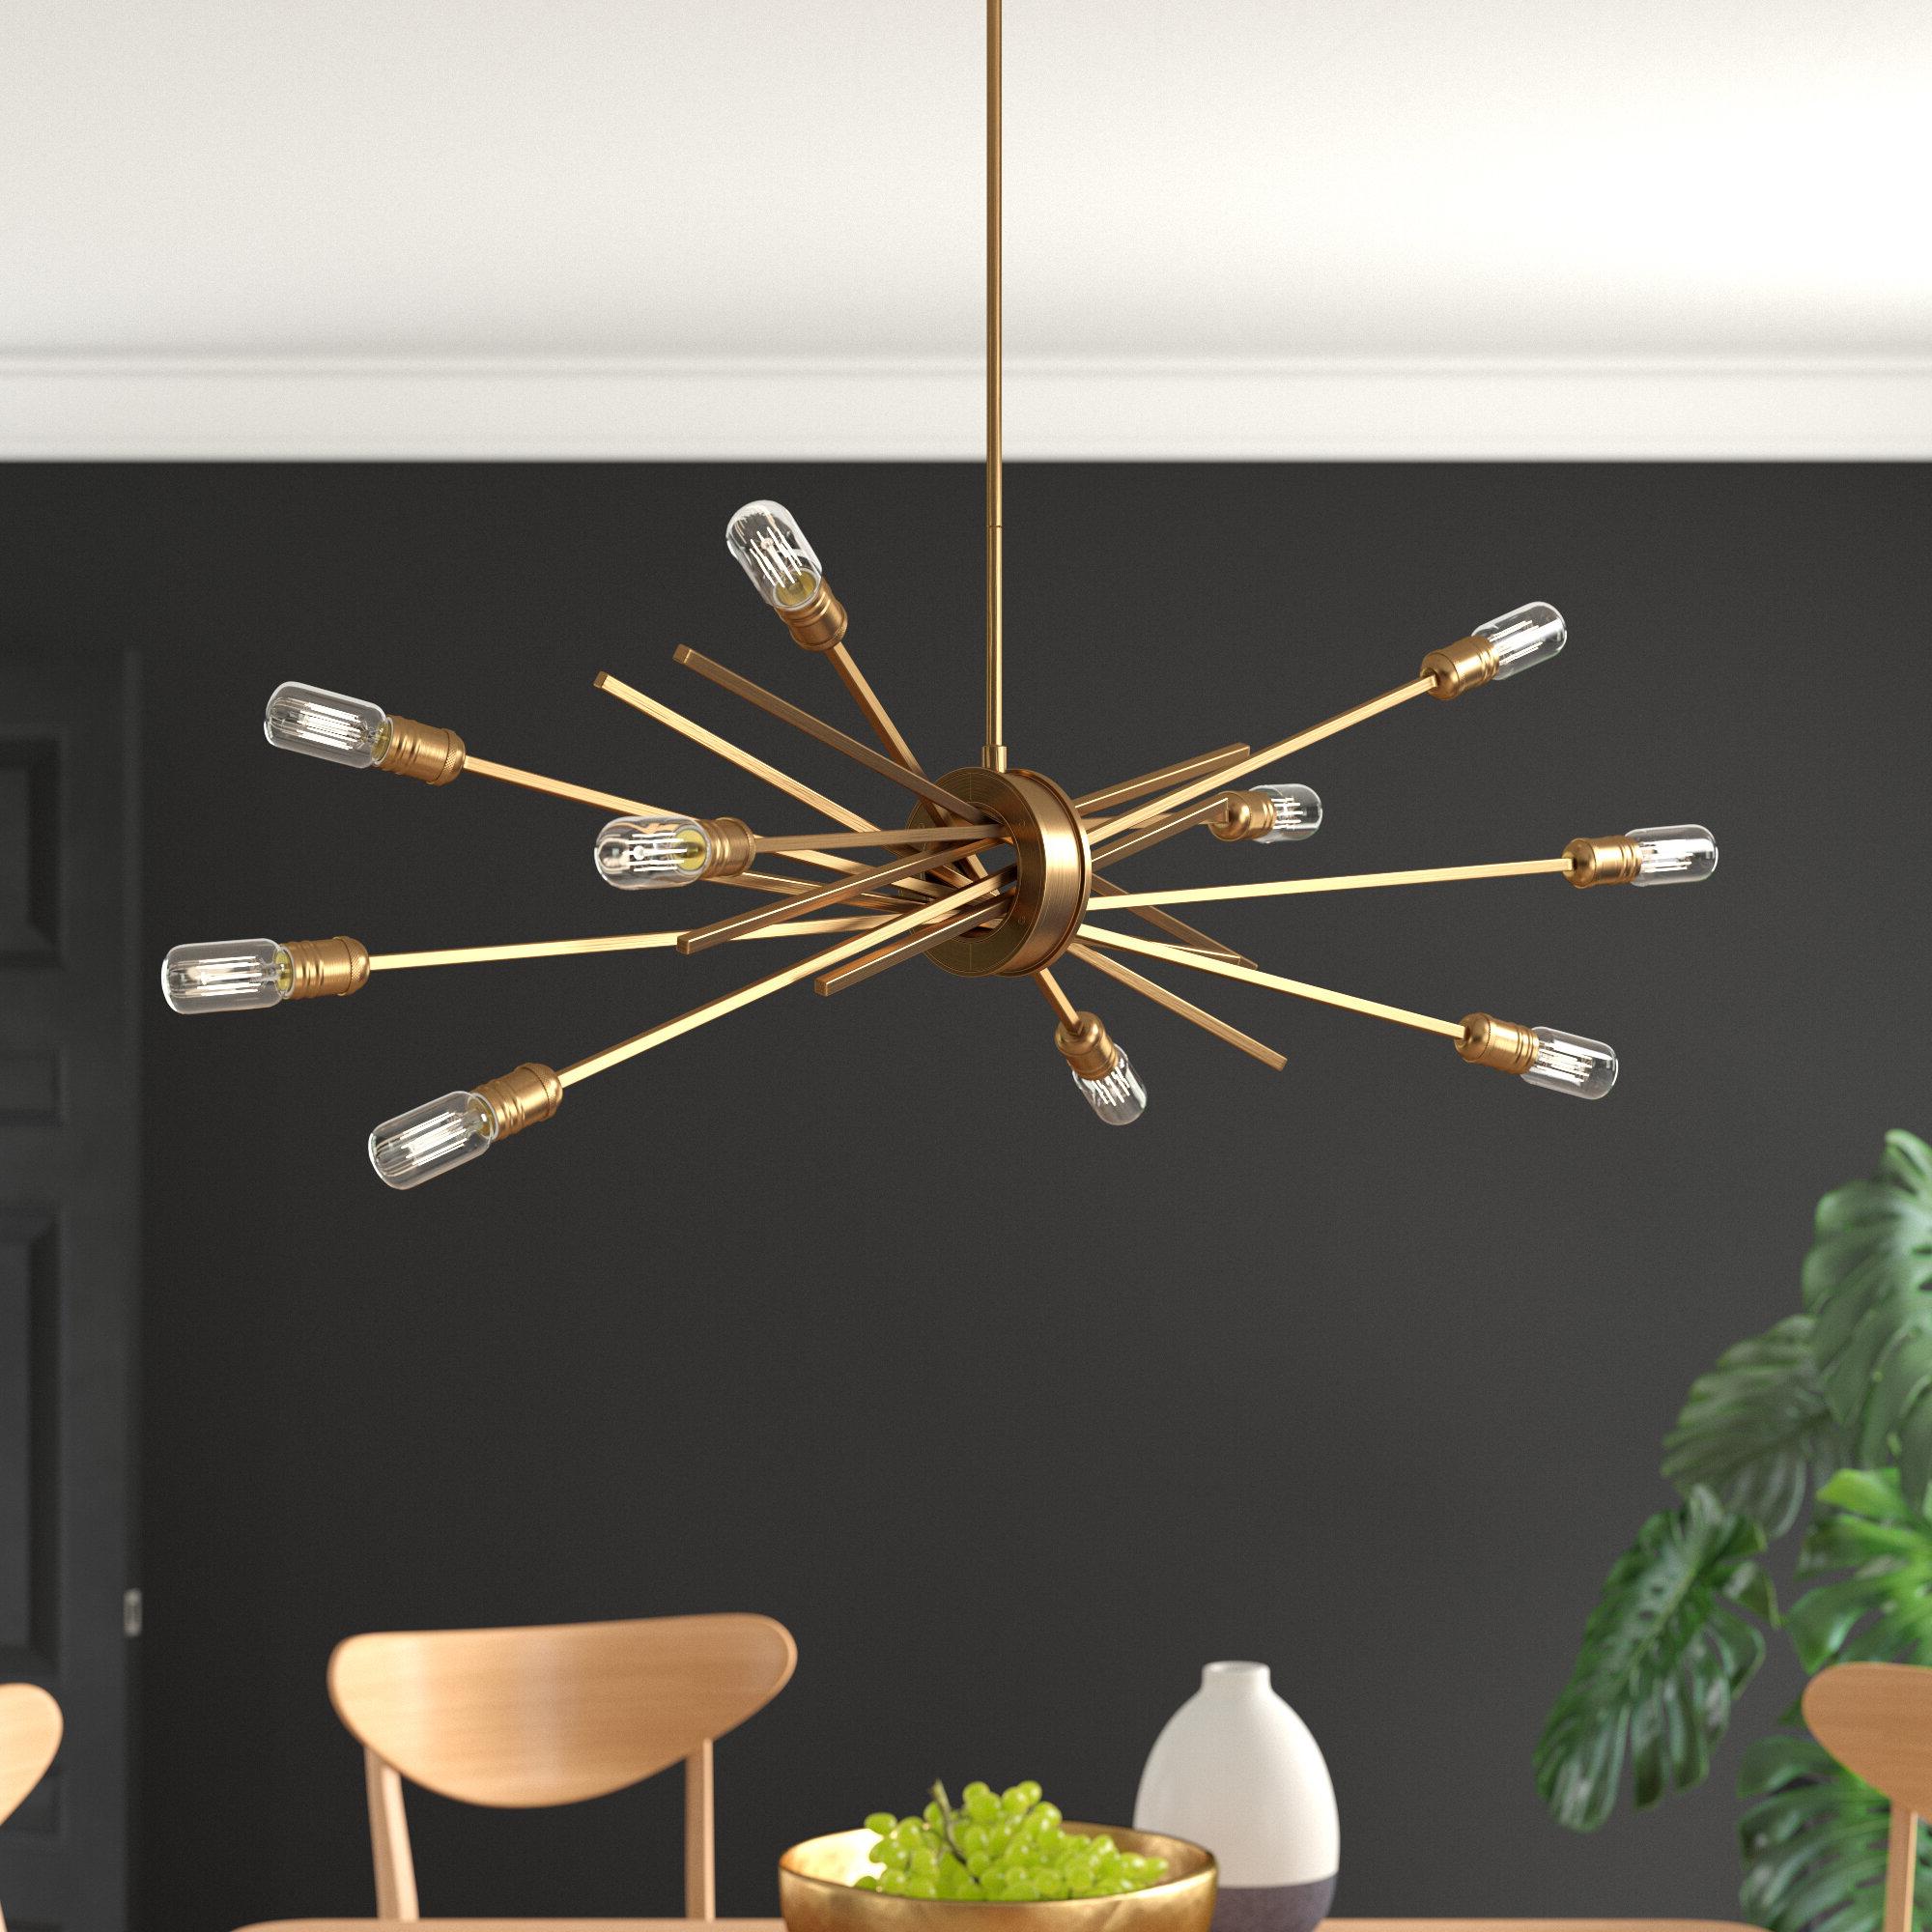 Everett 10 Light Sputnik Chandeliers In Fashionable Byler 10 Light Sputnik Chandelier (Gallery 7 of 20)